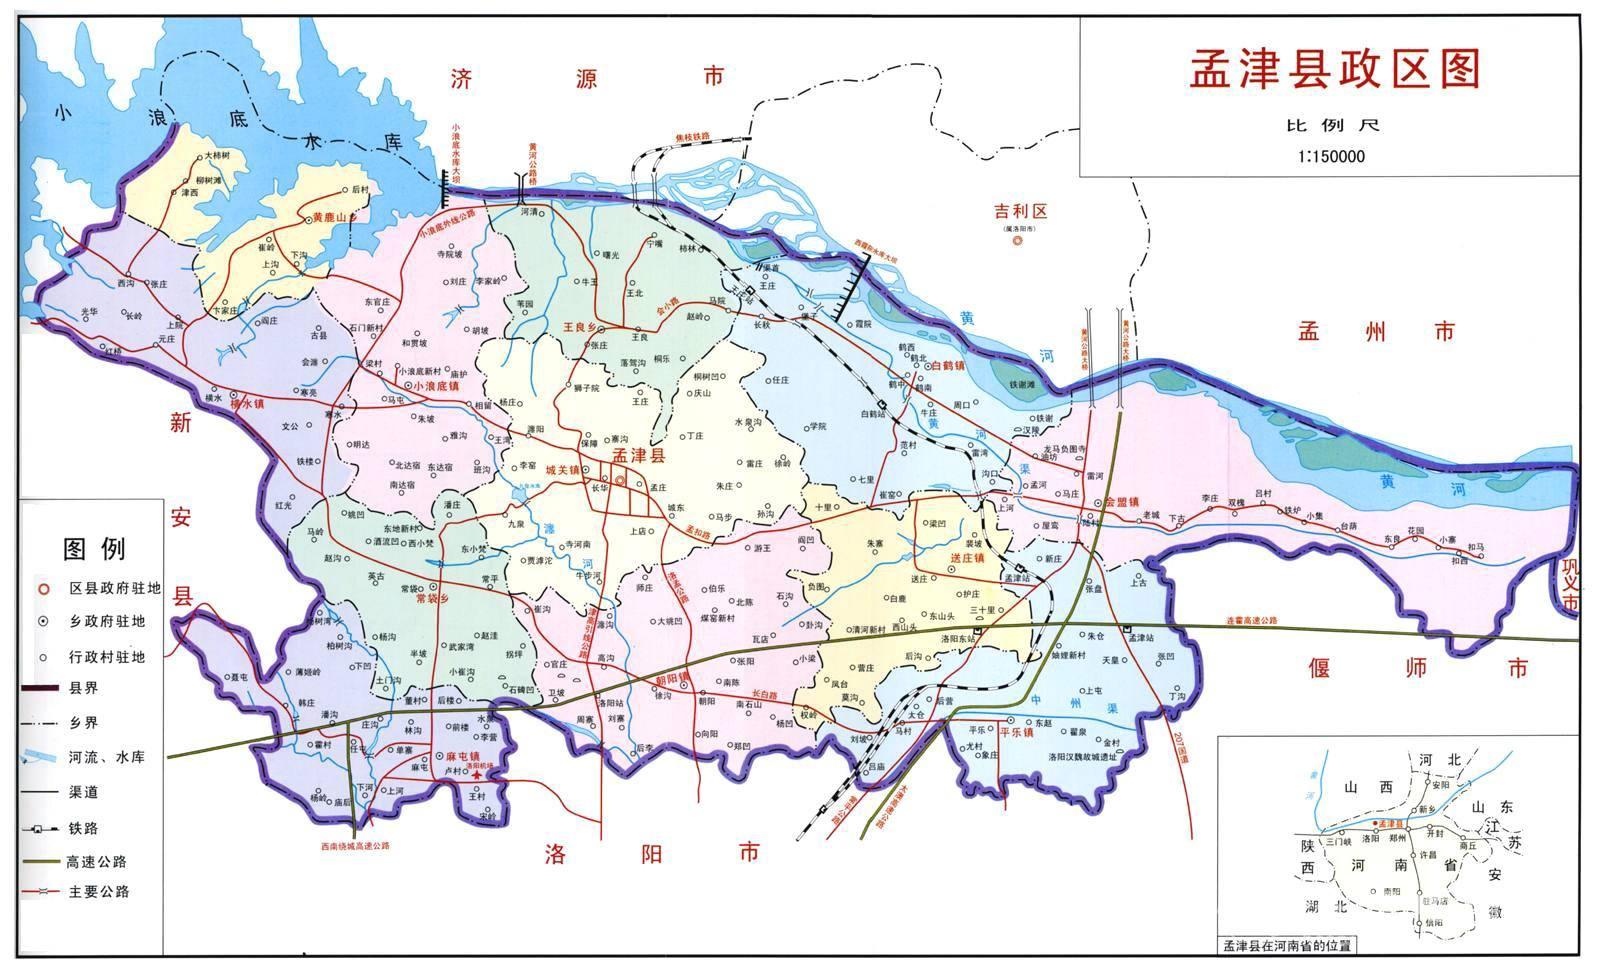 洛阳市政区地图沿革